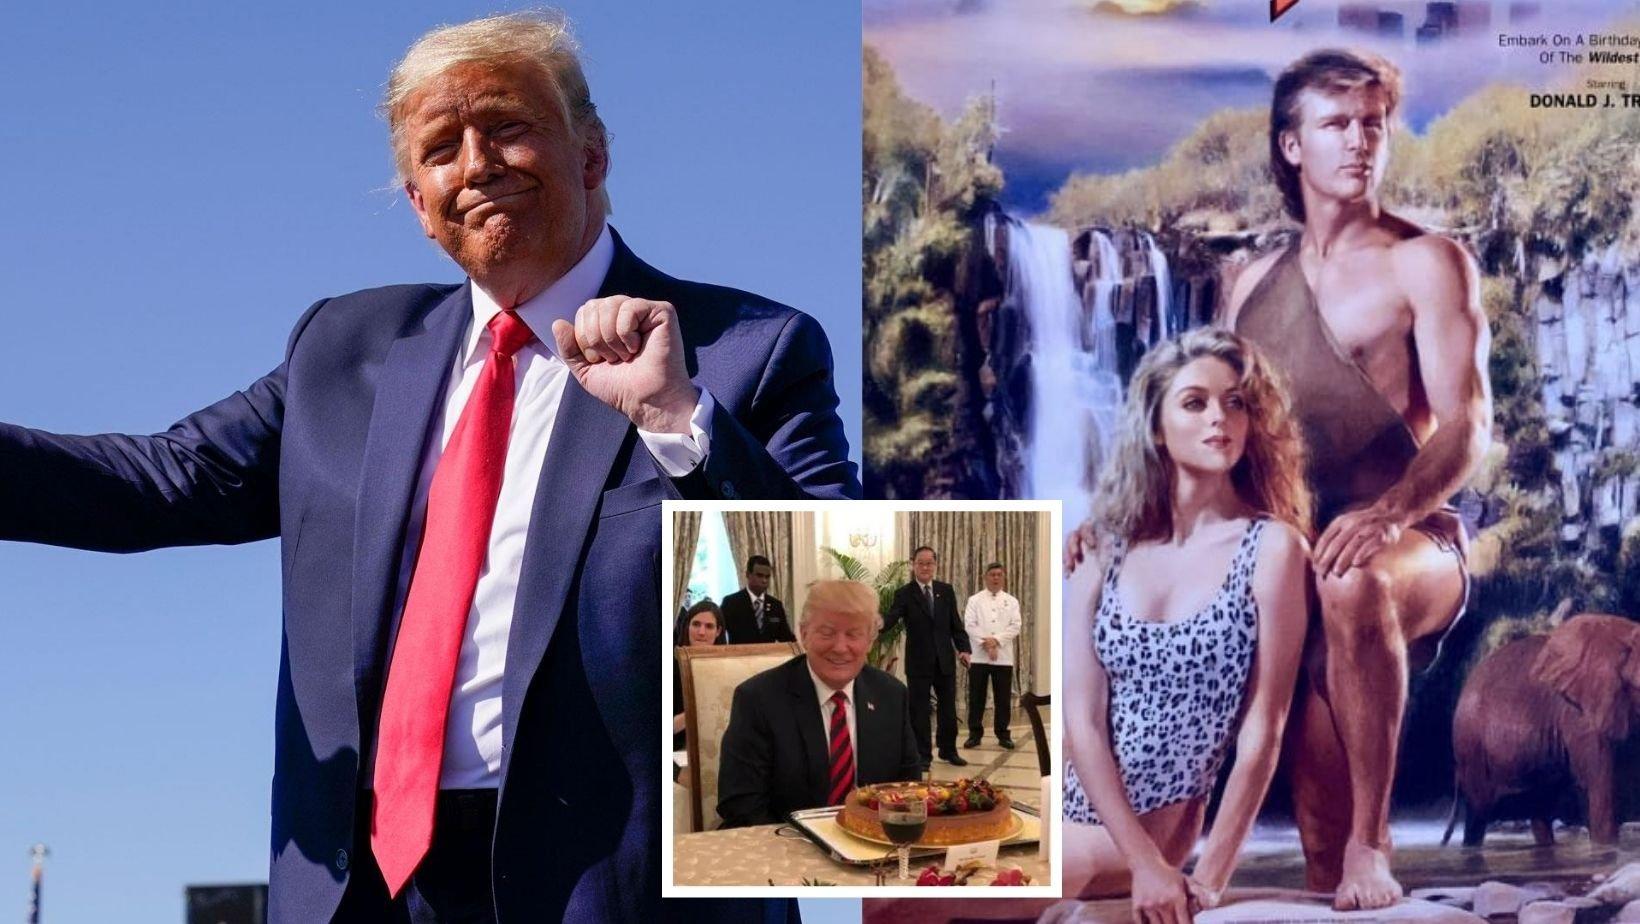 cover 13.jpg?resize=412,275 - From Tarzan To Renaissance Man: 7 Bizarre Ways Donald Trump Celebrated His Birthday